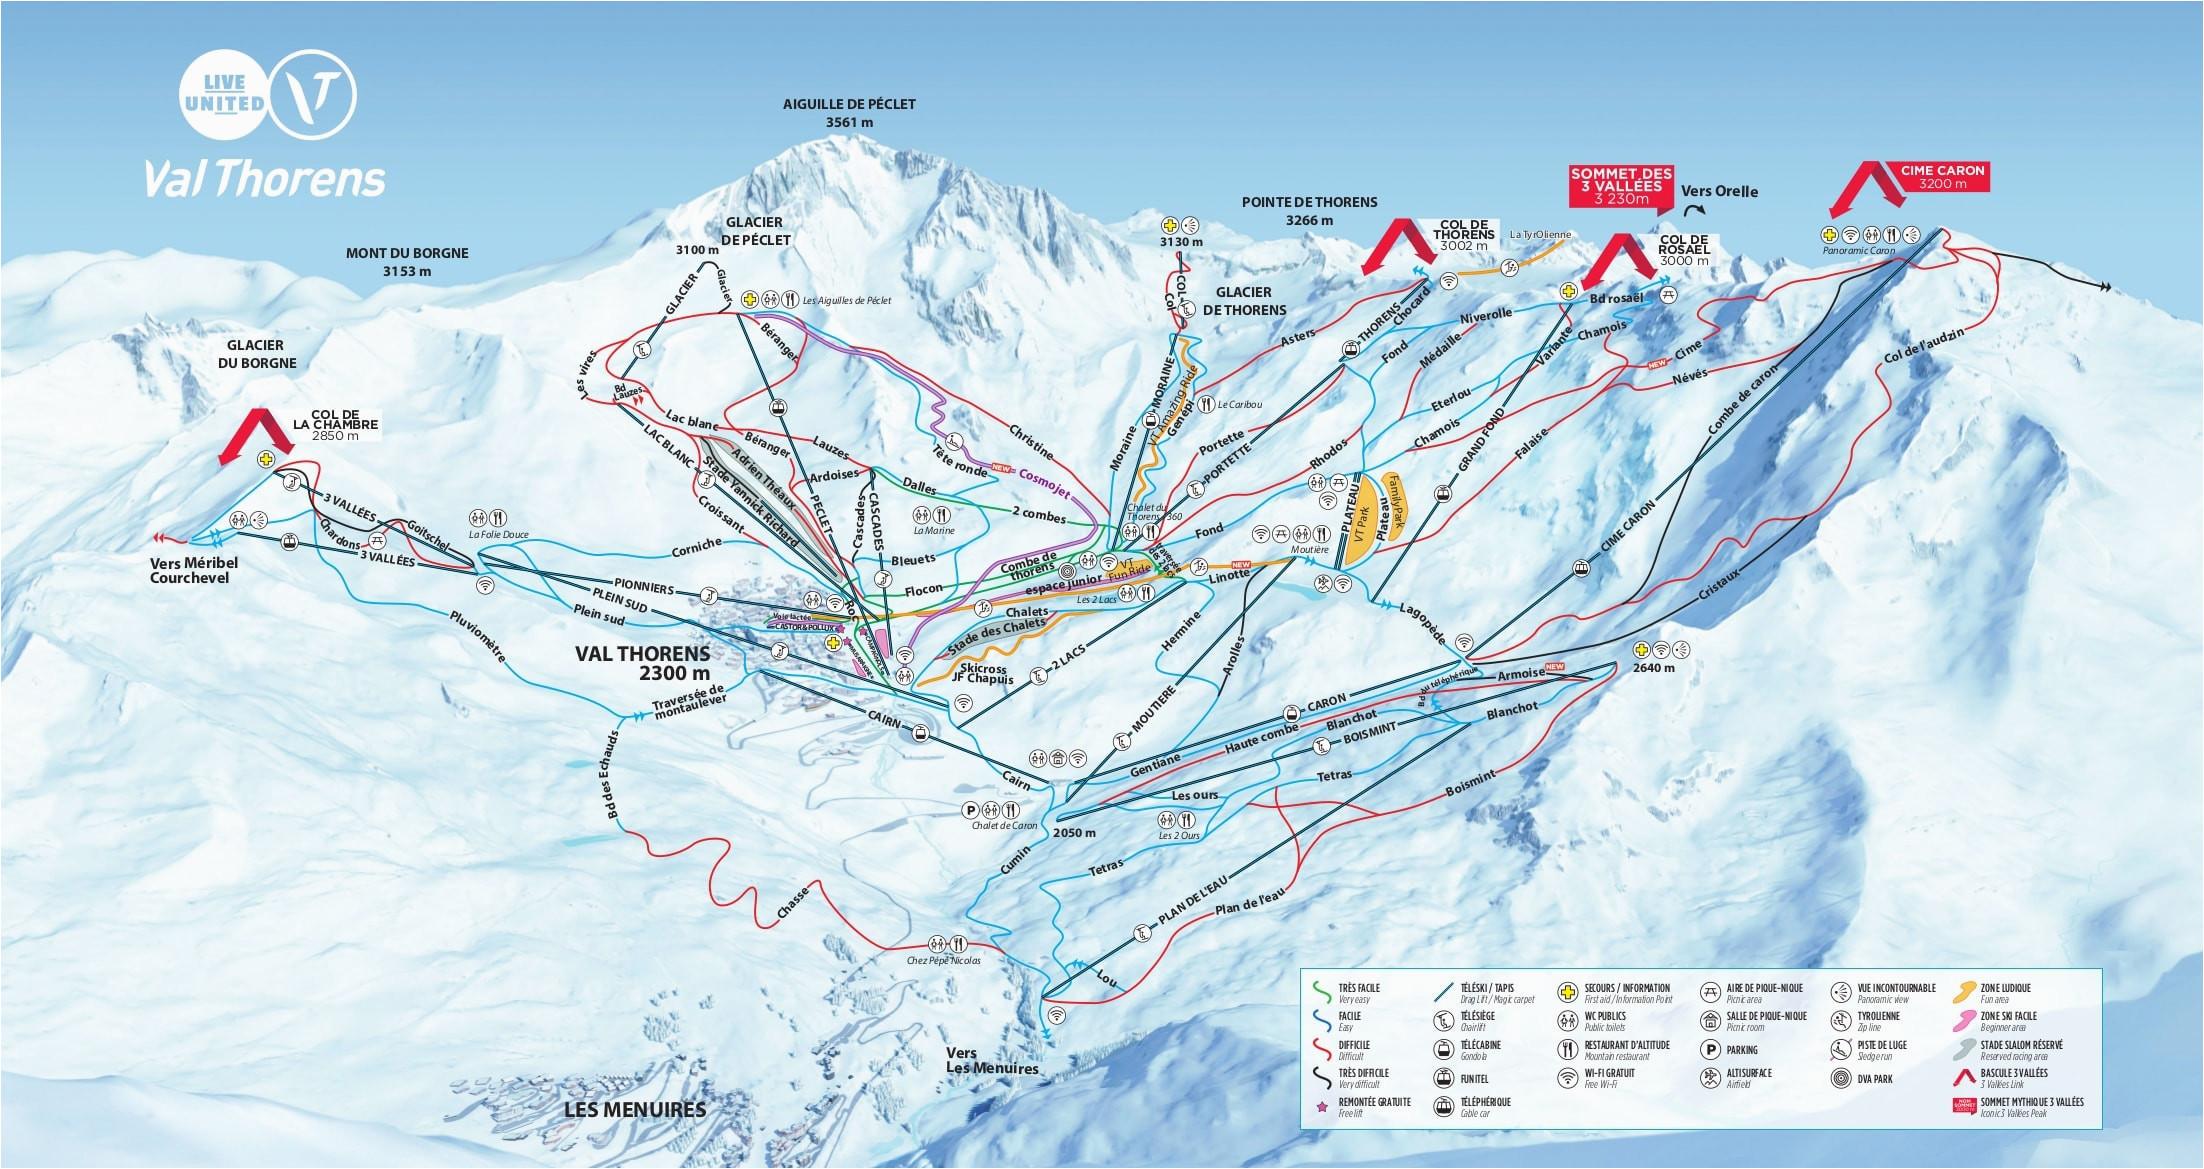 Val Thorens Map France Val Thorens Piste Map 2019 Ski Europe Winter Ski